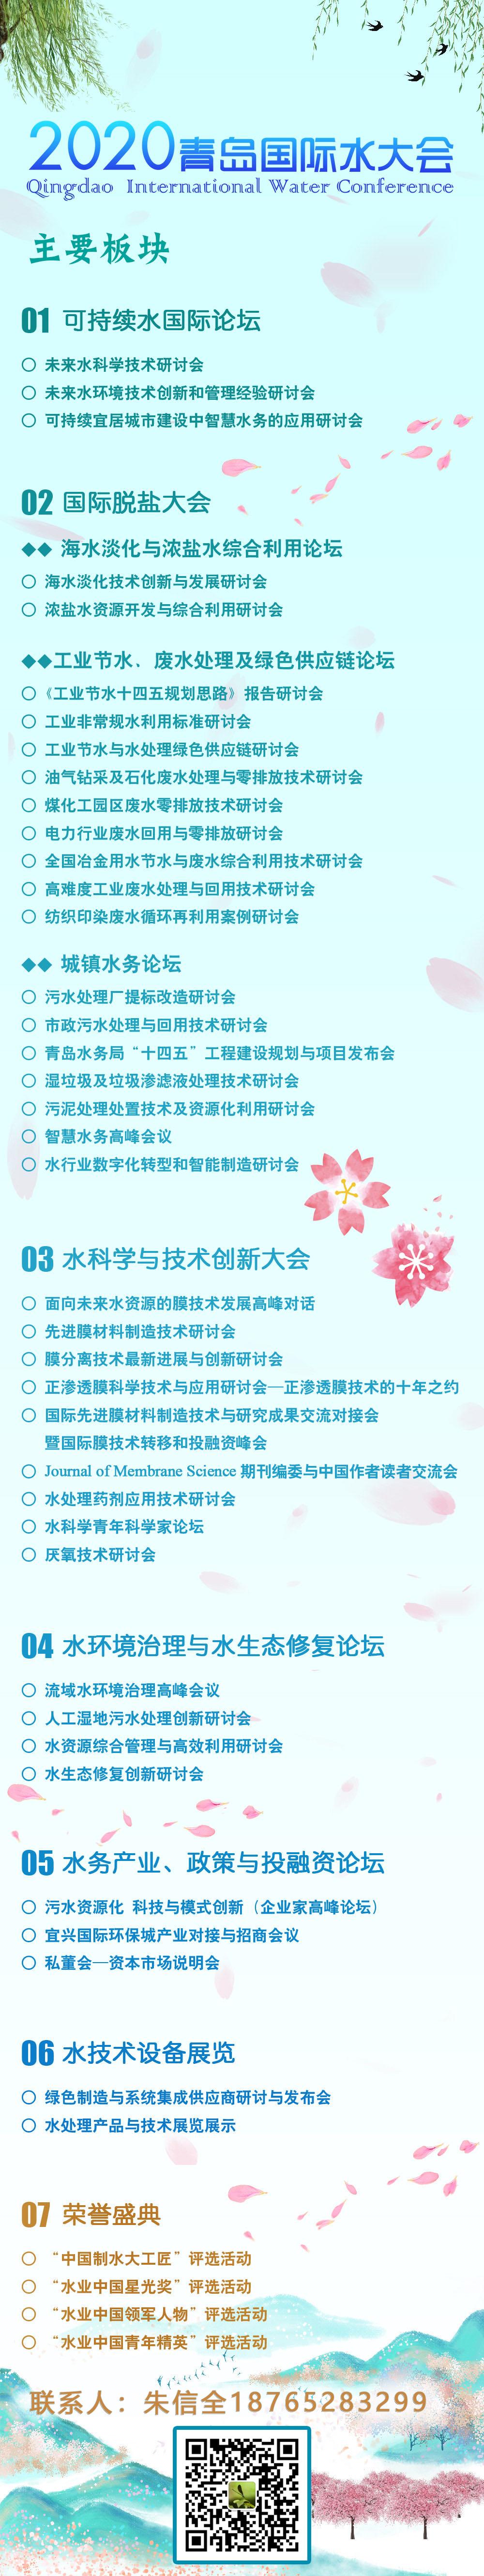 三峽資本舉牌上海環境,開年已加倉多家上市公司